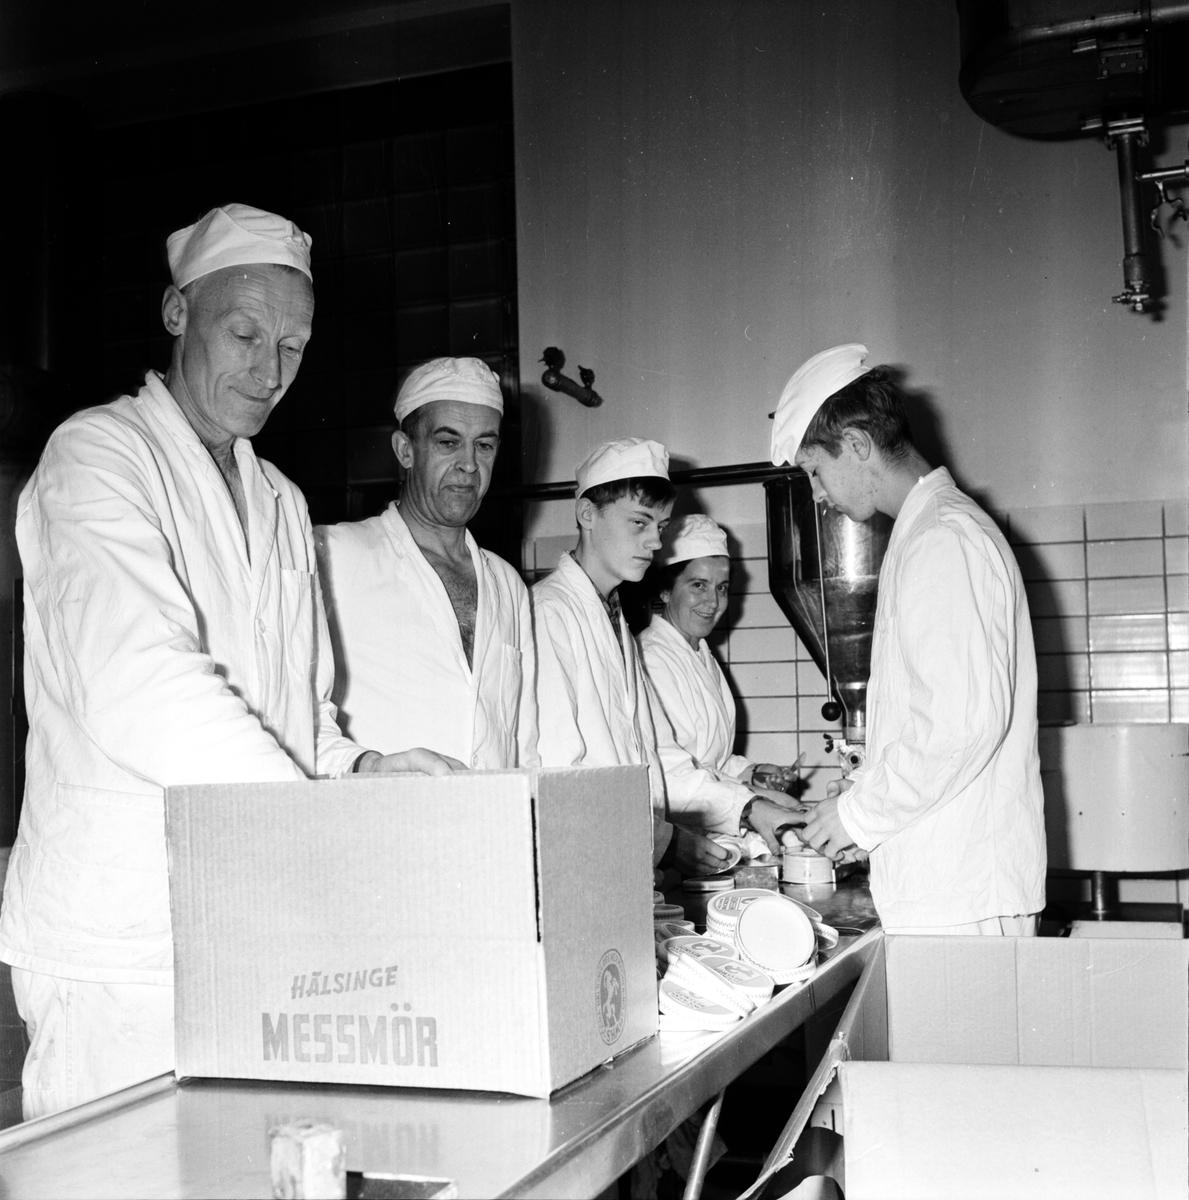 S. Häls. Mejeriförening, Sista messmörsdagen, 1 Nov 1966